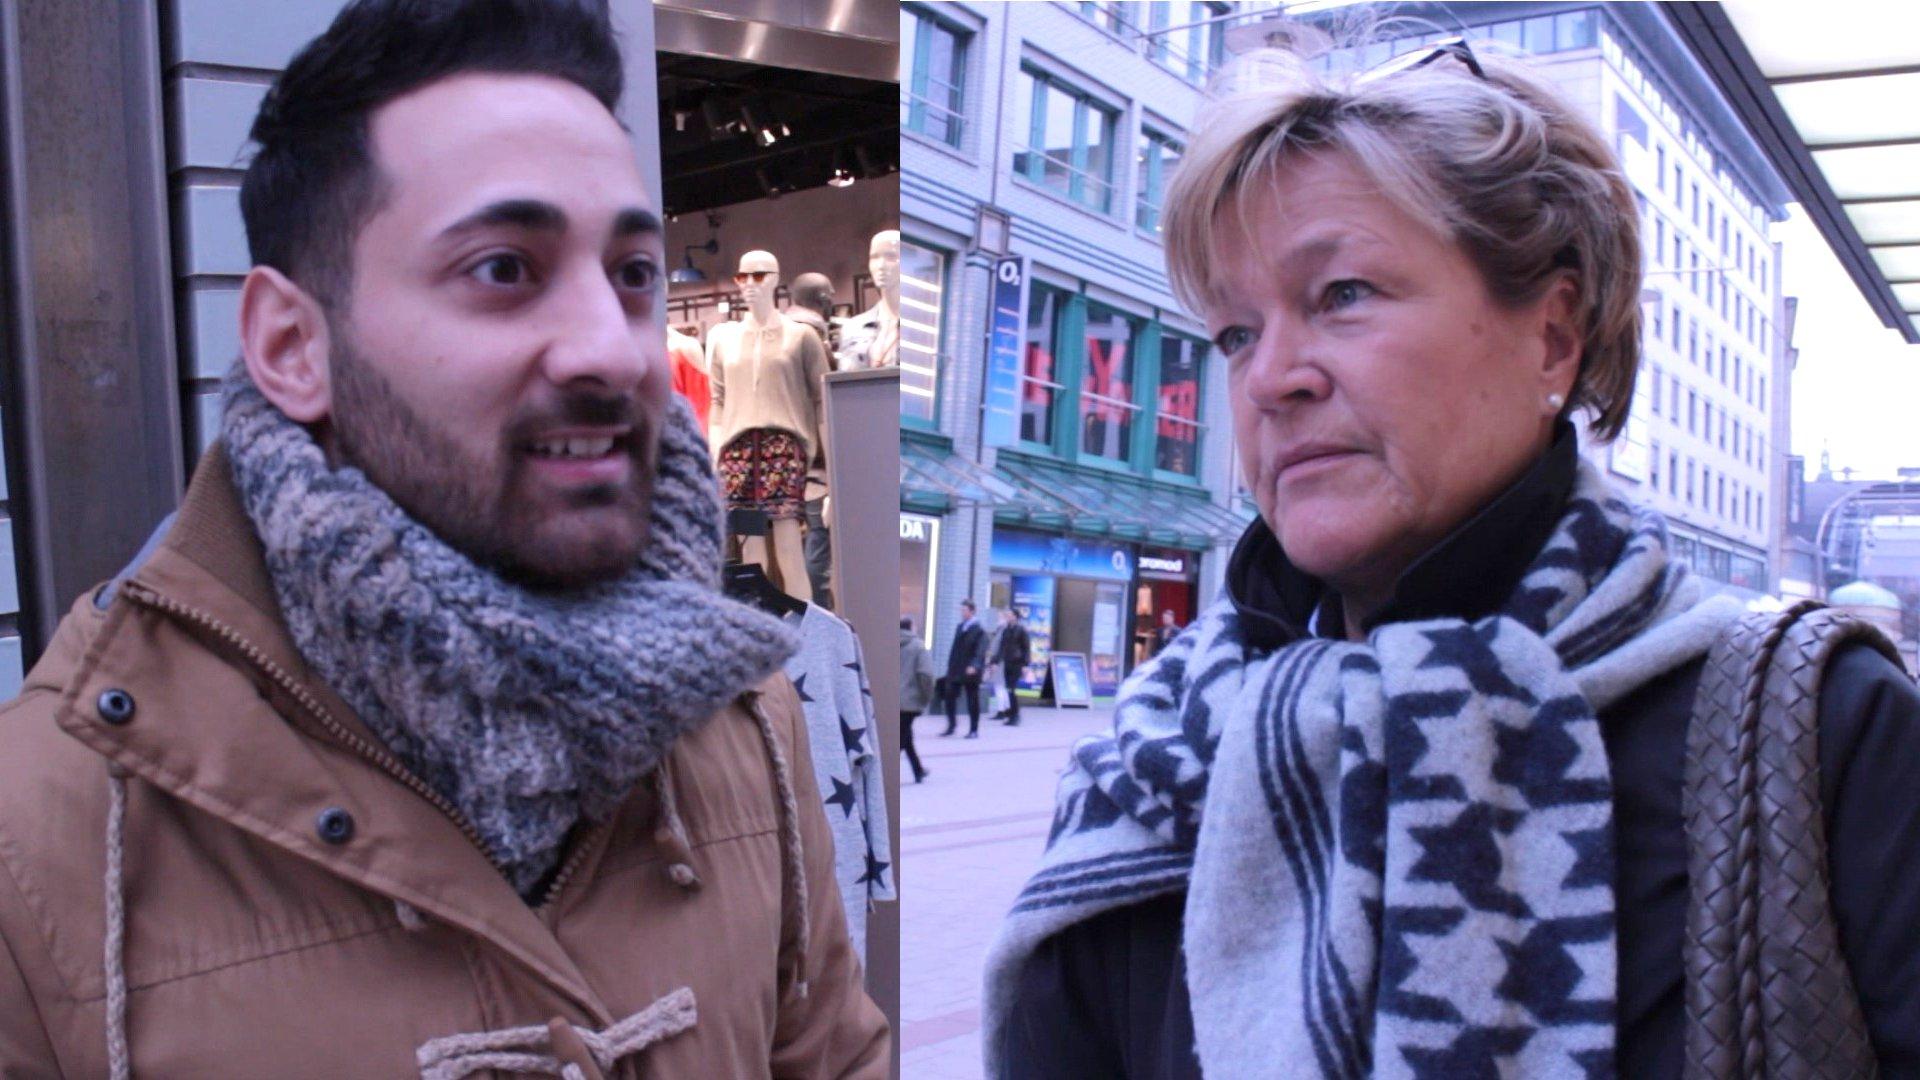 Umfrage: Sollen türkische Politiker in Deutschland Wahlkampf machen dürfen?